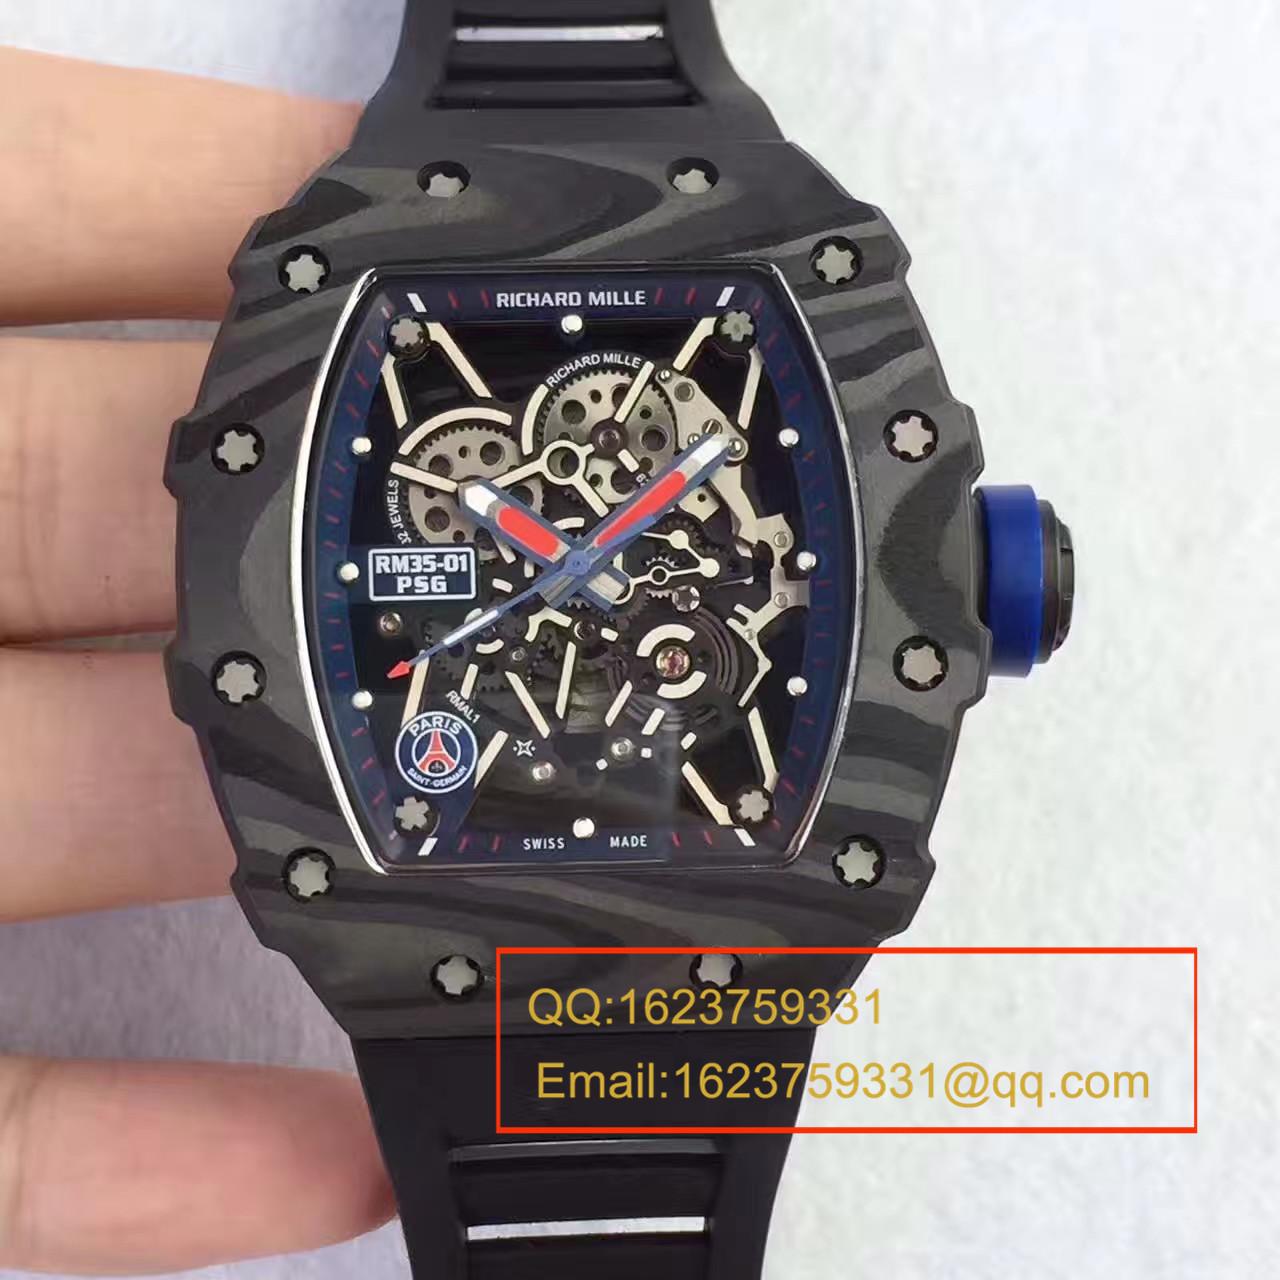 【独家视频评测KV一比一超A高仿手表】理查德米勒男士系列RM 35-01 RAFAEL NADAL腕表 / 理查德米勒RM035-01